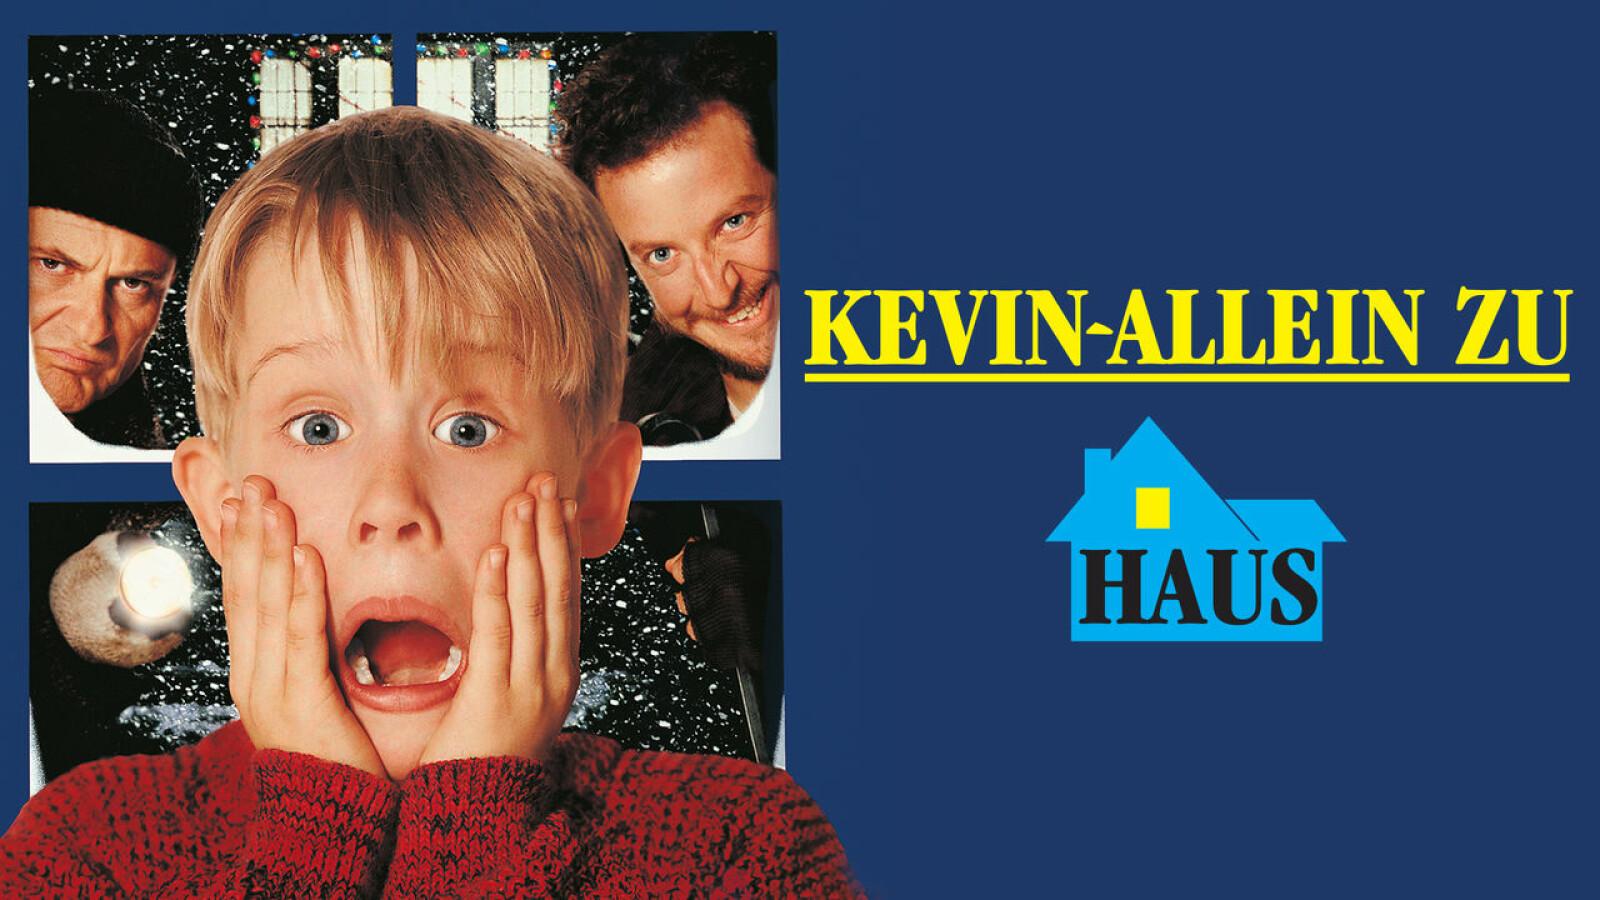 Kevin Allein Zu Haus Fuller